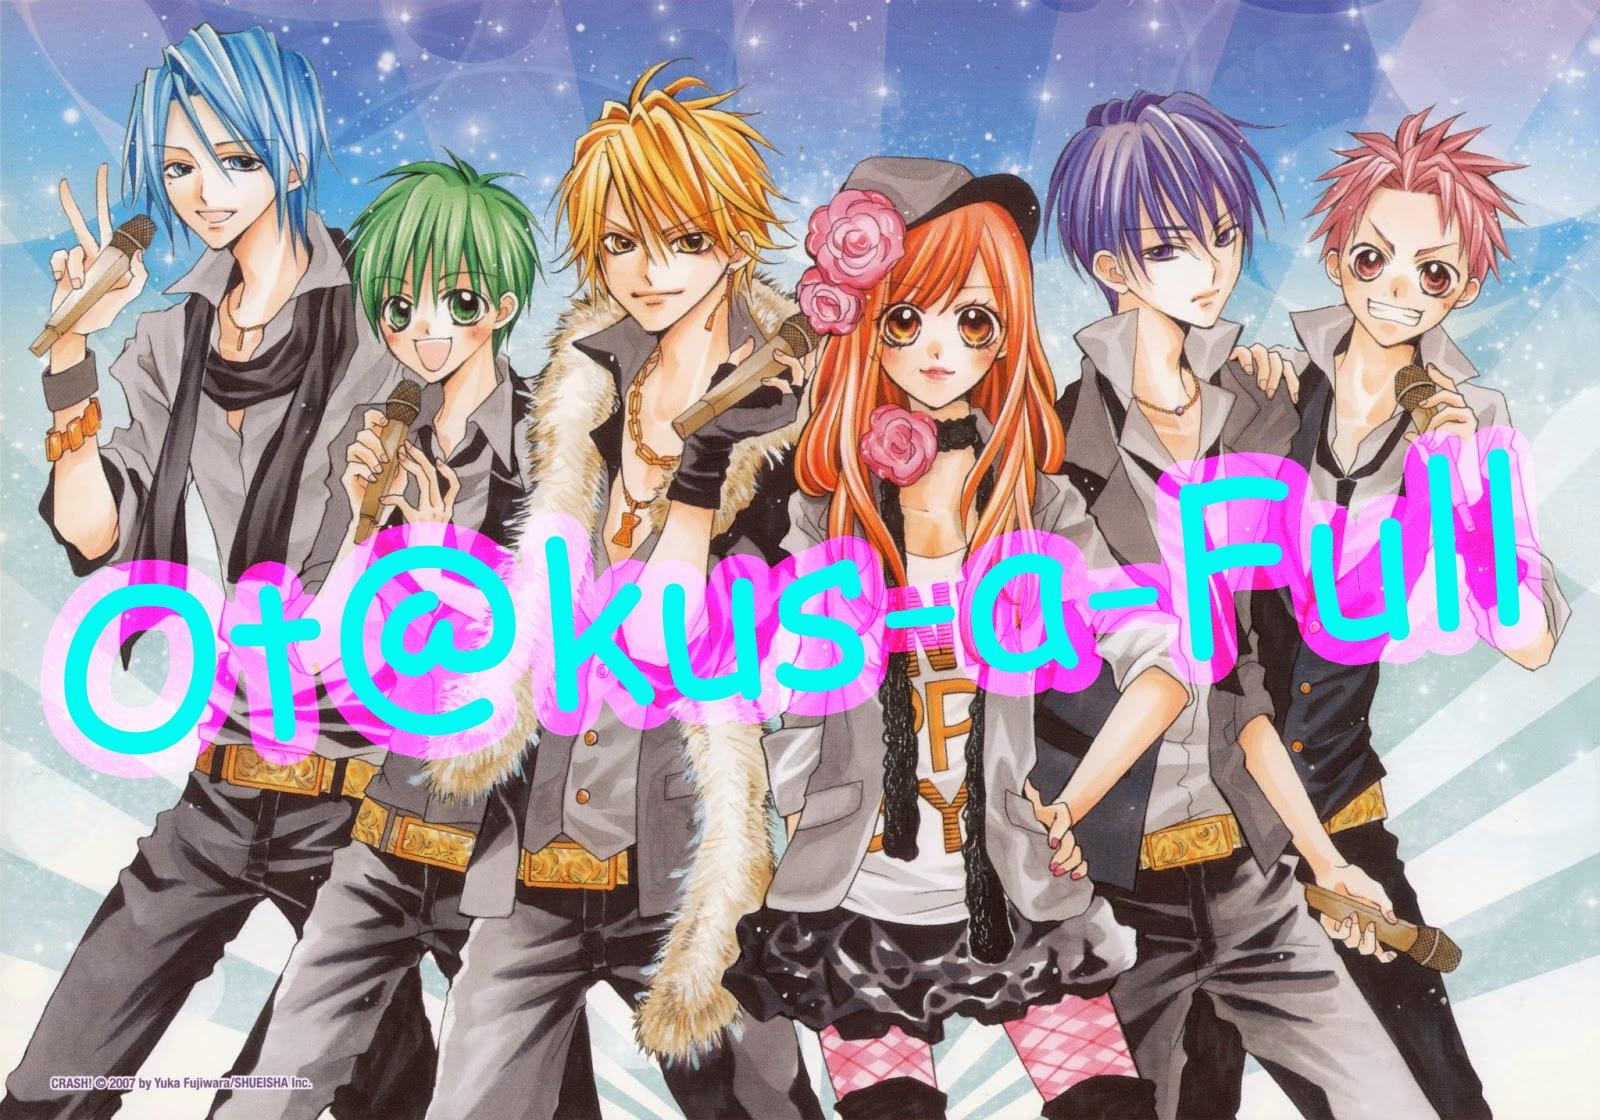 http://otakus-a-f-u-l-l.blogspot.com.ar/